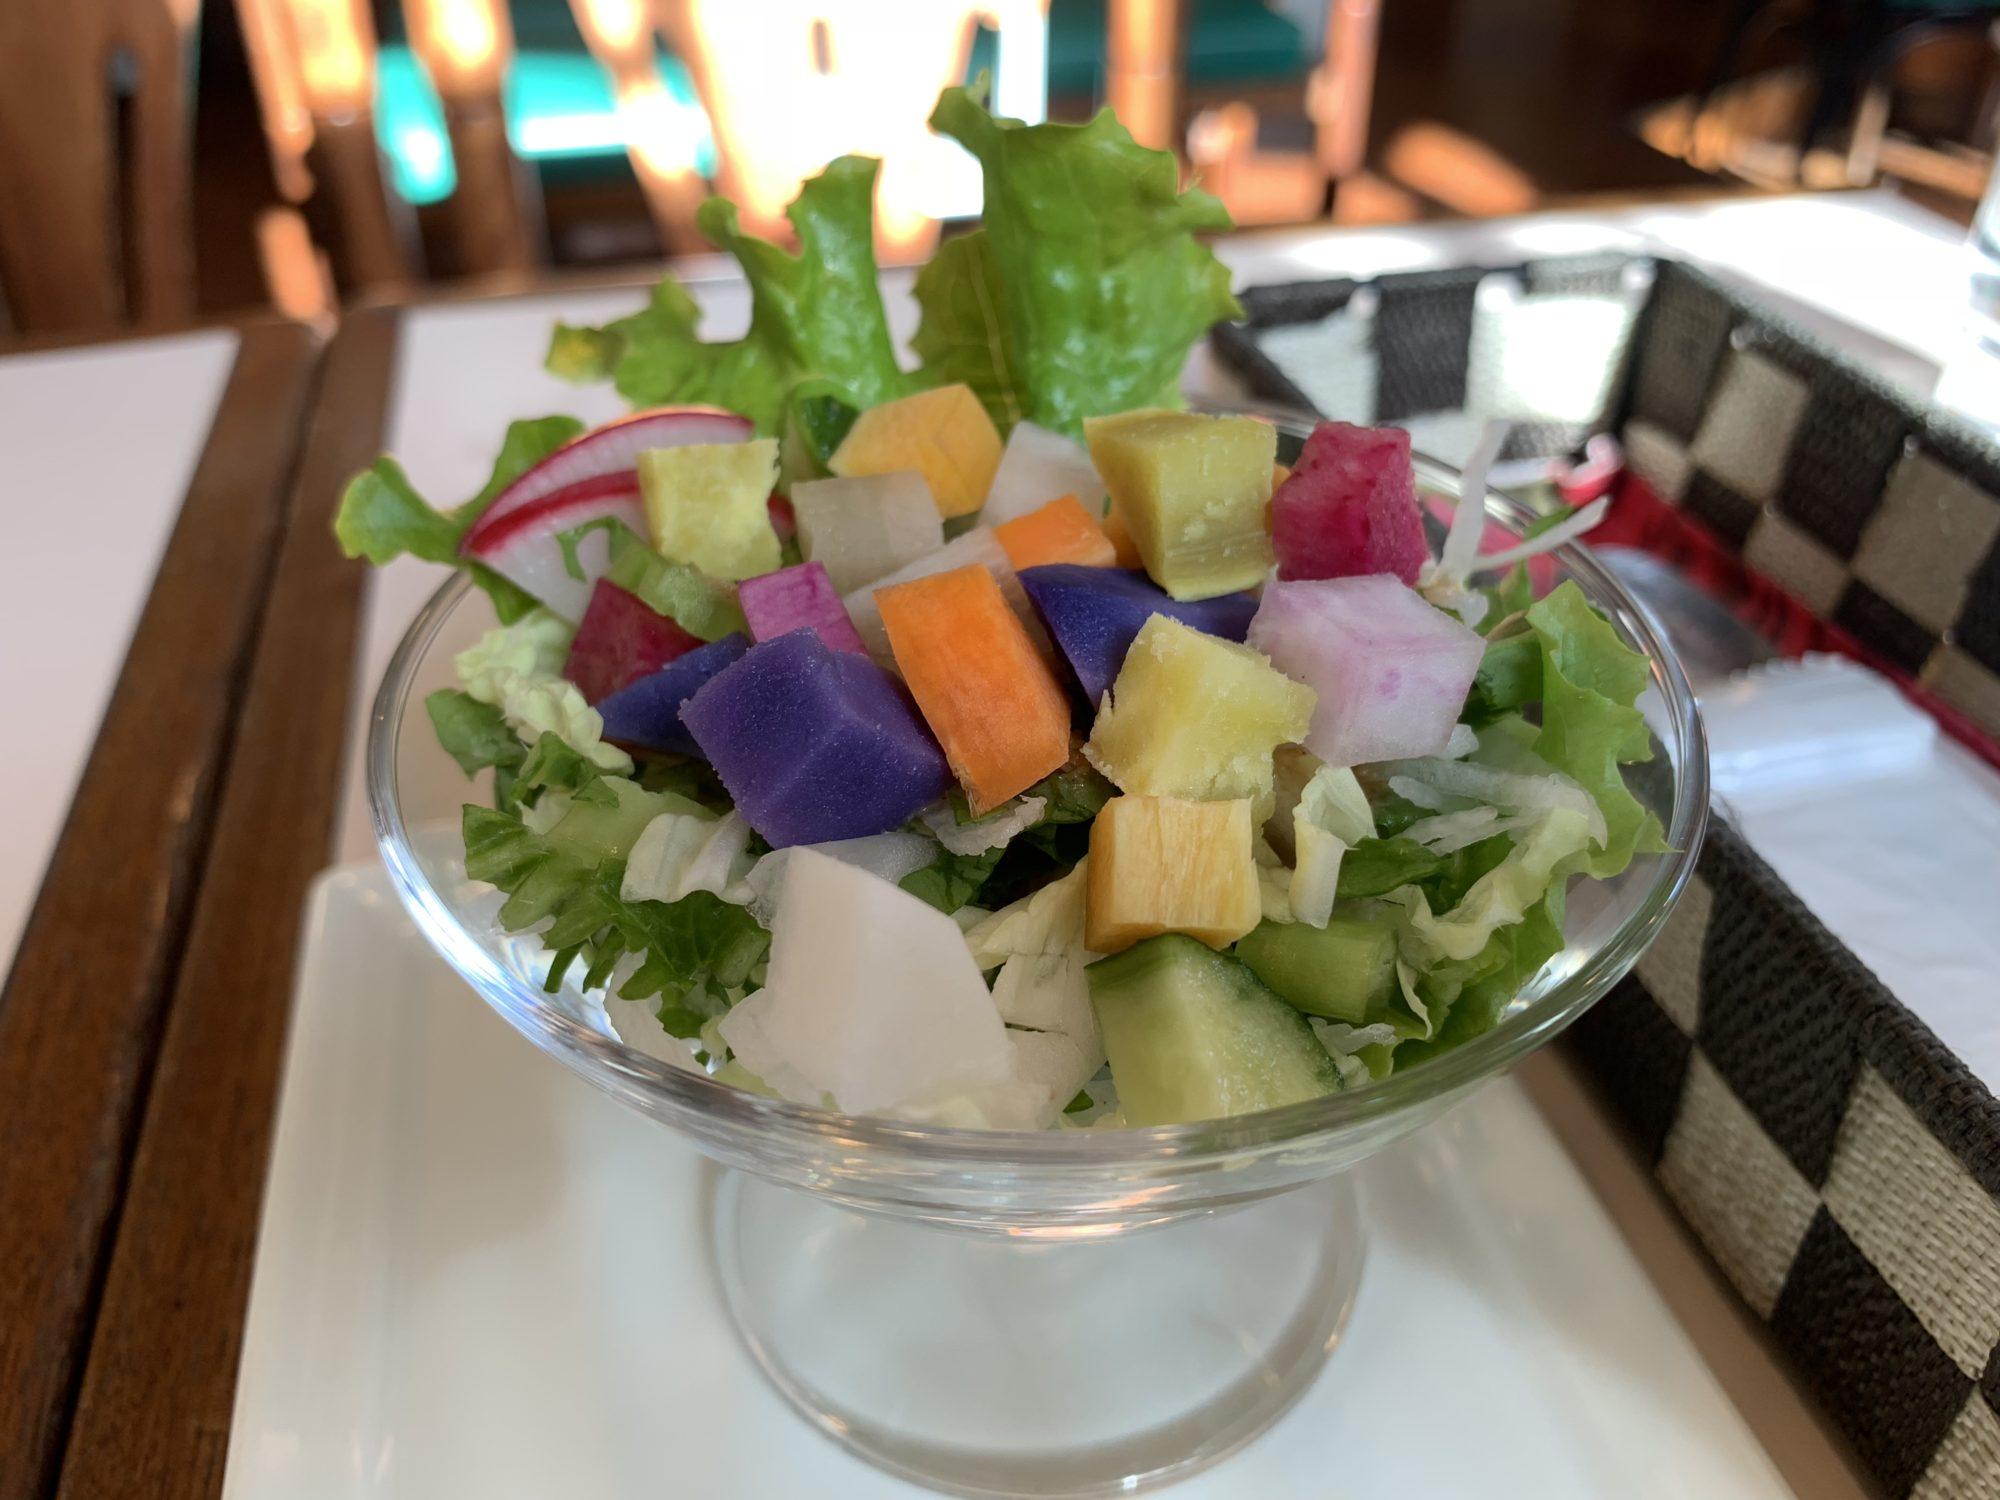 立川ほっこりカフェカラフル野菜サラダ